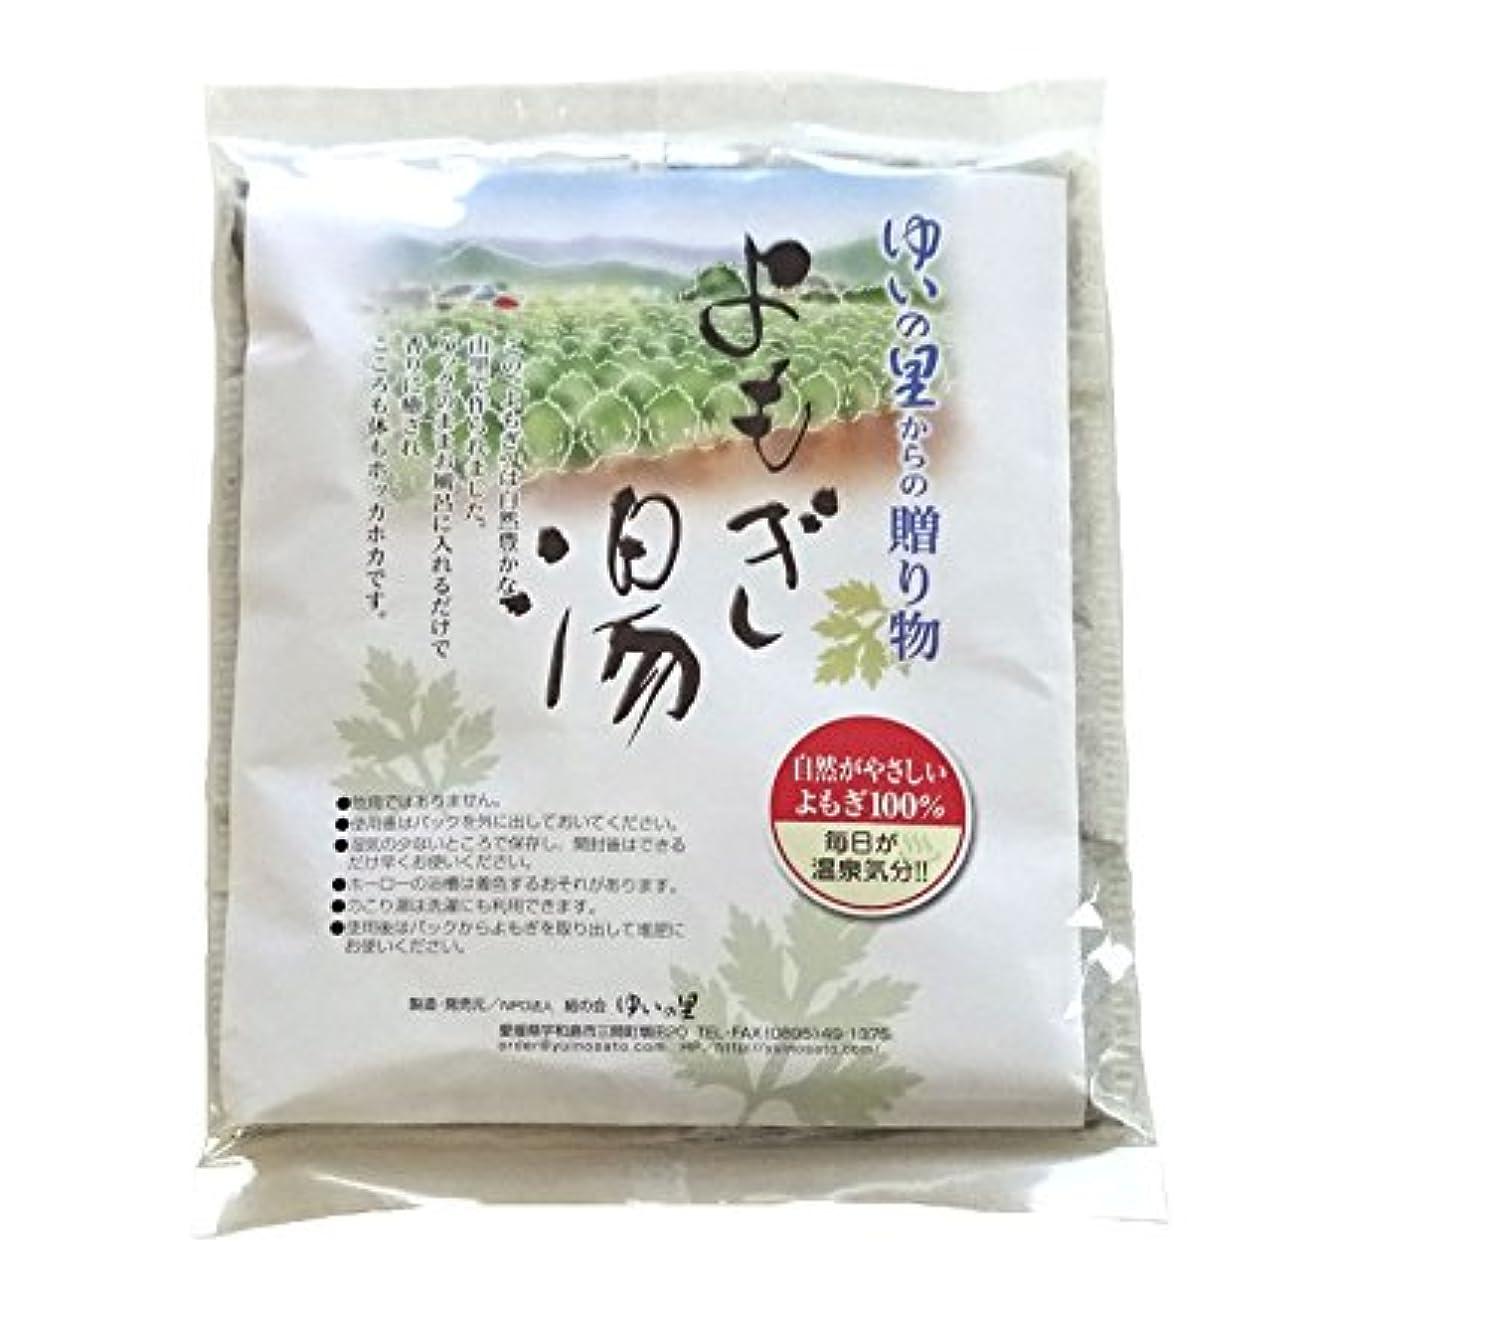 高価なスタッフ特権的よもぎ湯入浴パック (10パック入) 愛媛県産 自家栽培よもぎ100%使用